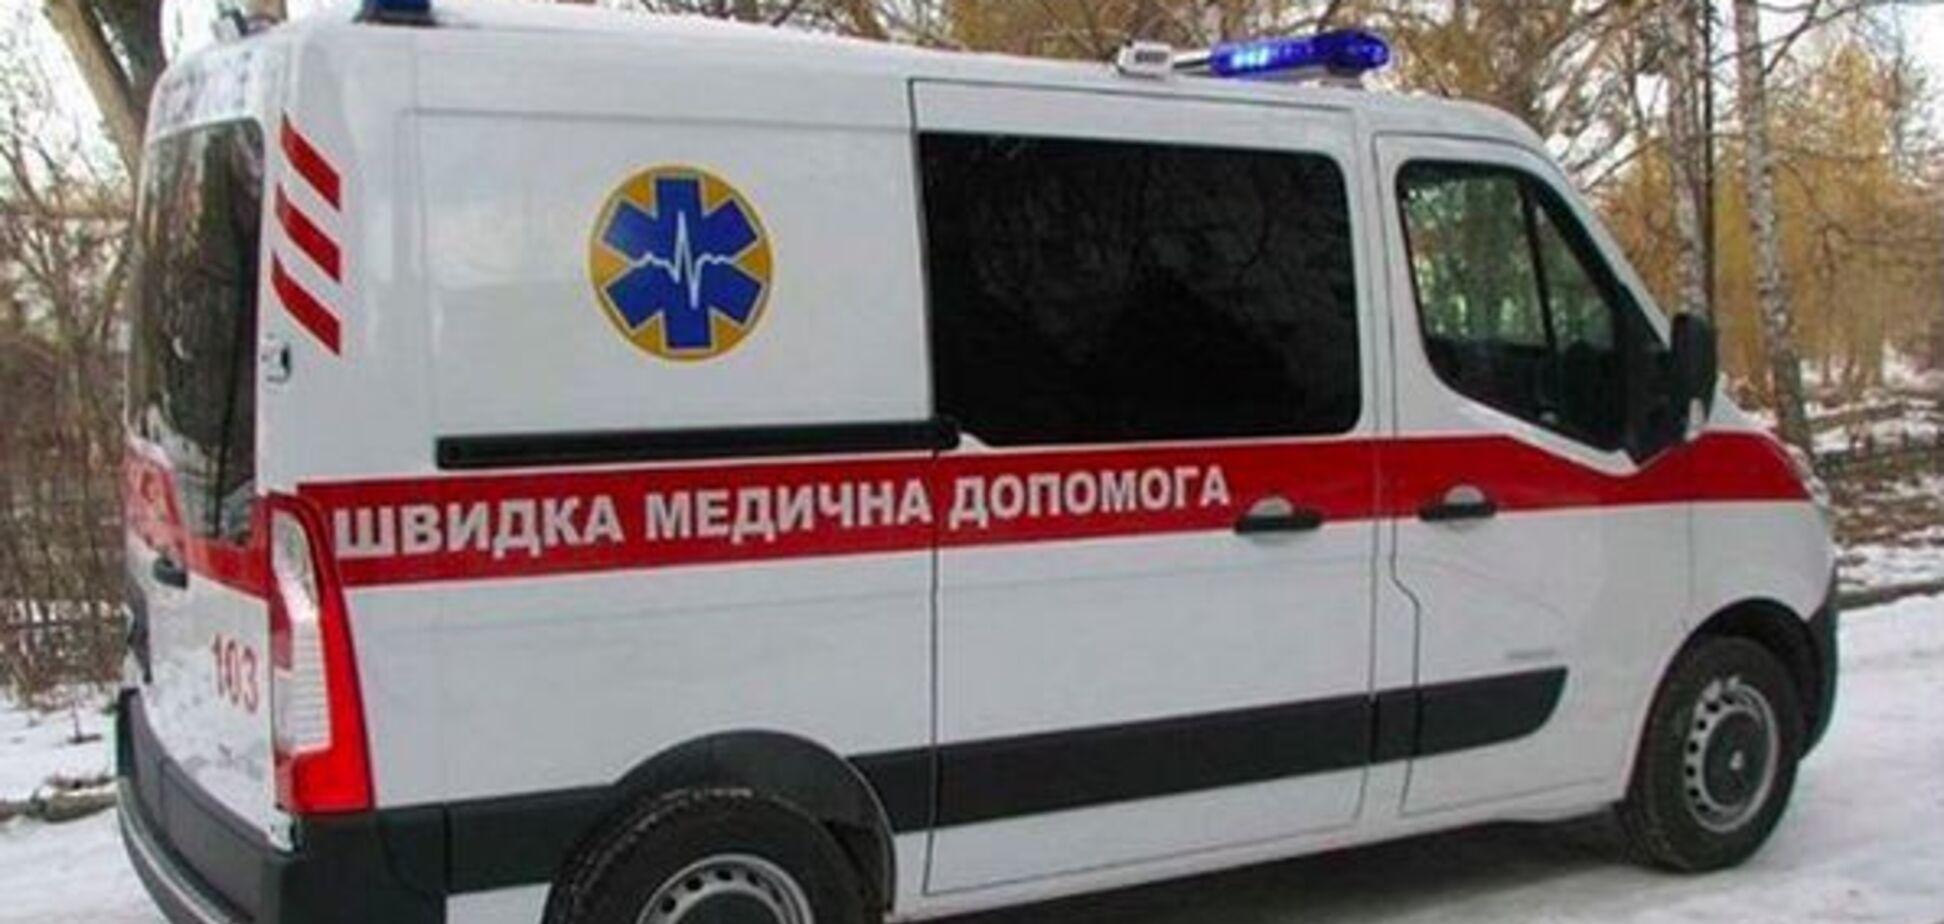 Троє дітей згоріли, одній відірвало руку: Україну сколихнула хвиля трагедій